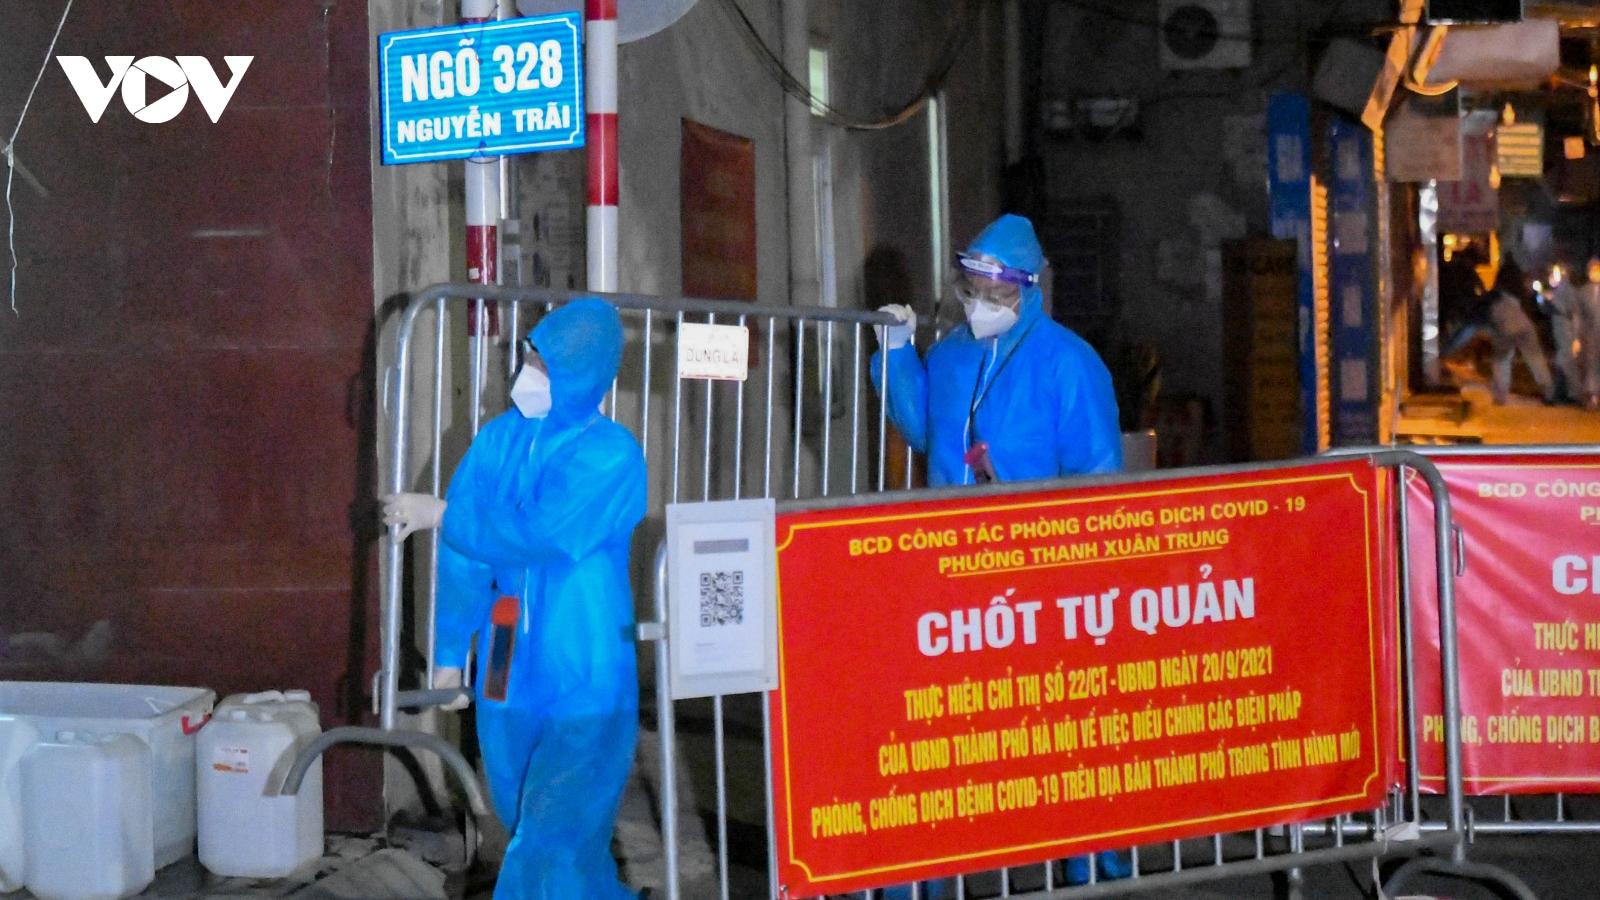 Hà Nội gỡ bỏ phong tỏa ngõ 328-330 đường Nguyễn Trãi, Thanh Xuân Trung